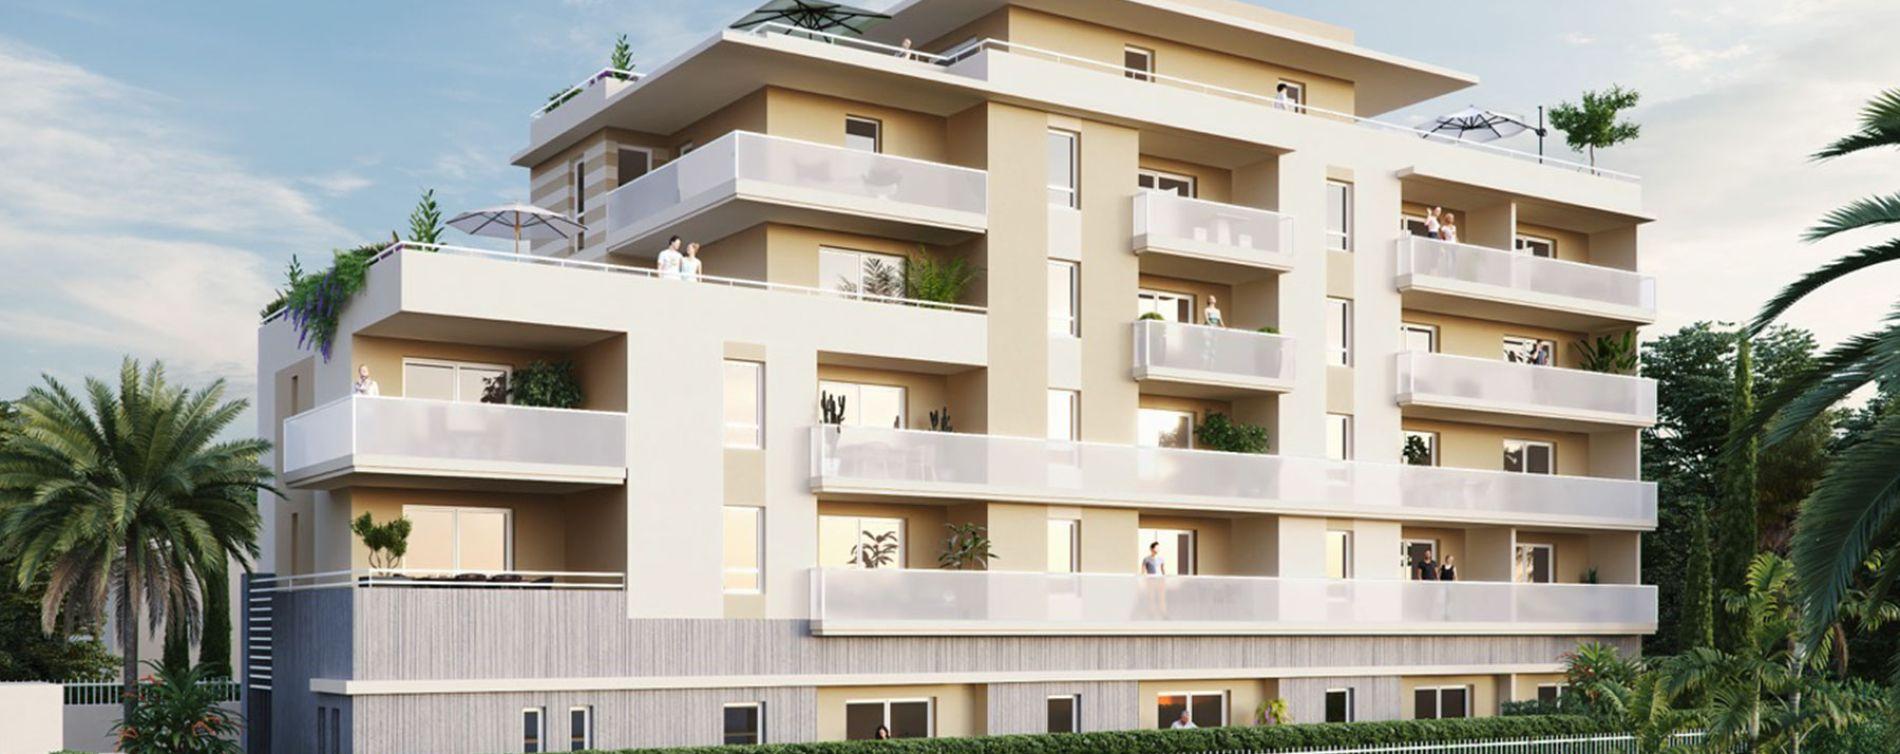 Résidence Villa Perla à Cagnes-sur-Mer